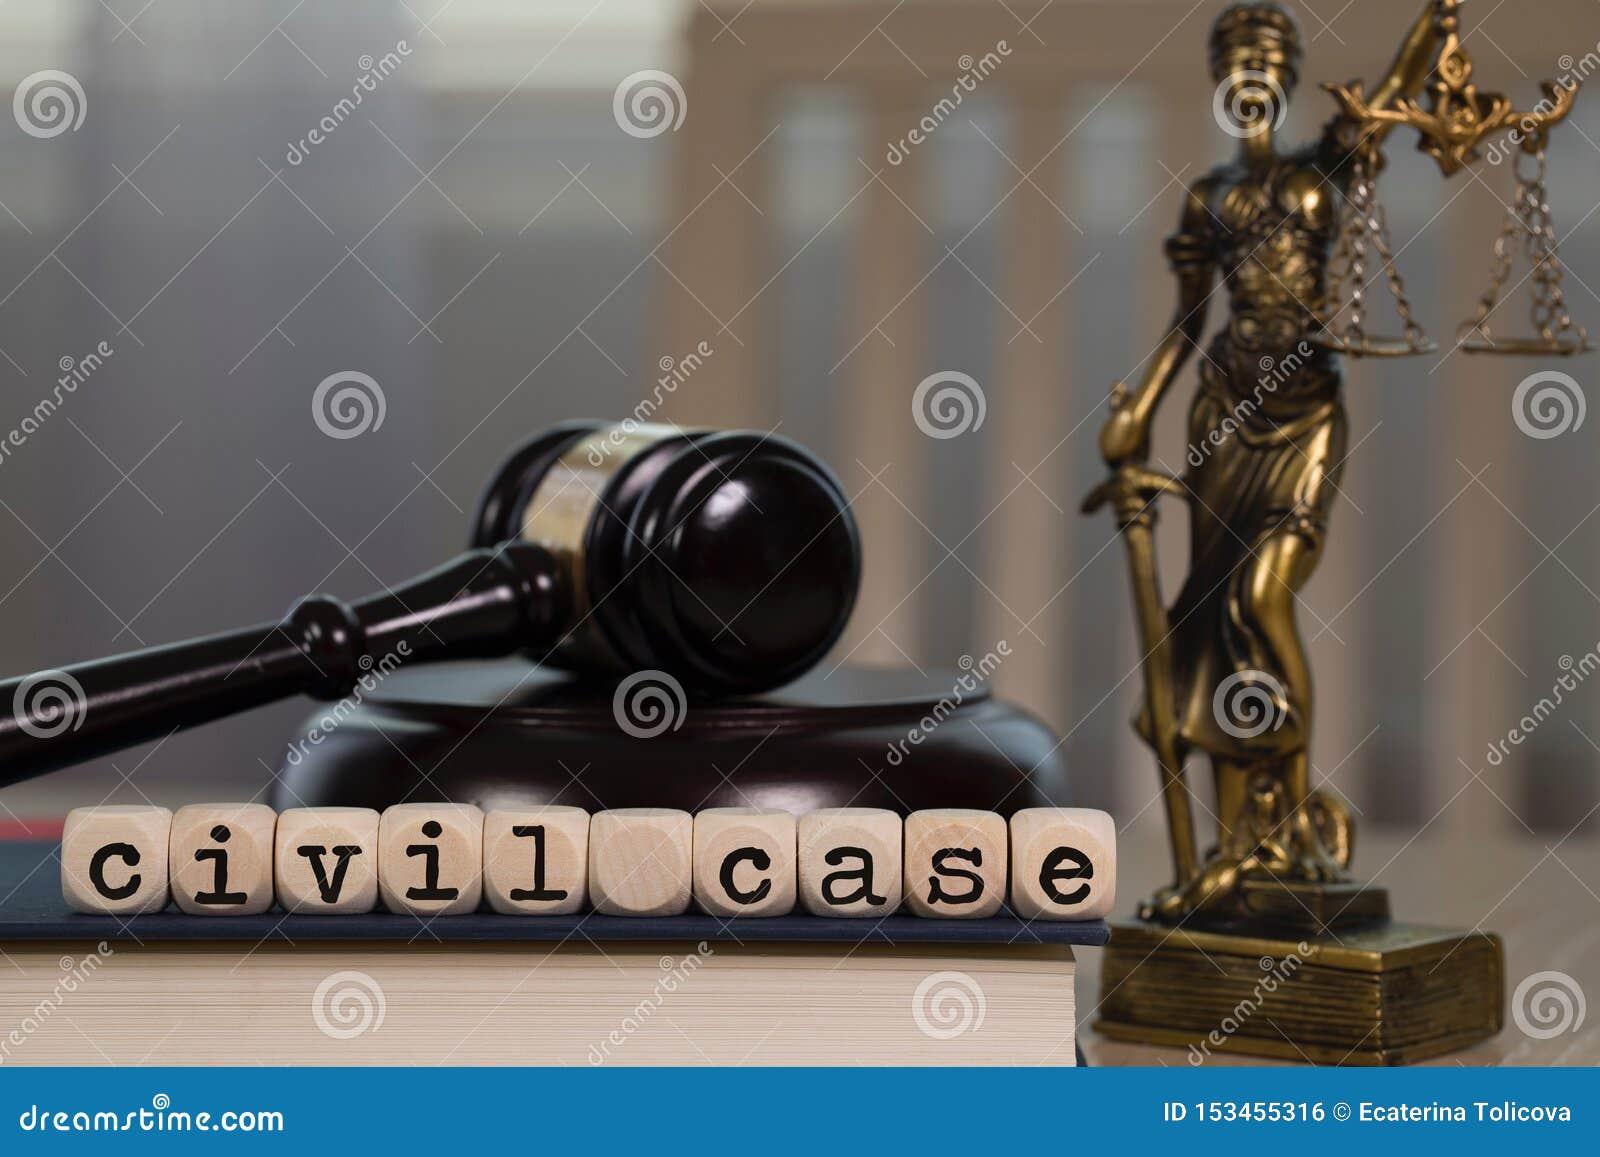 El CASO CIVIL de las palabras integrado por de madera corta en cuadritos Mazo y estatua de madera de Themis en el fondo